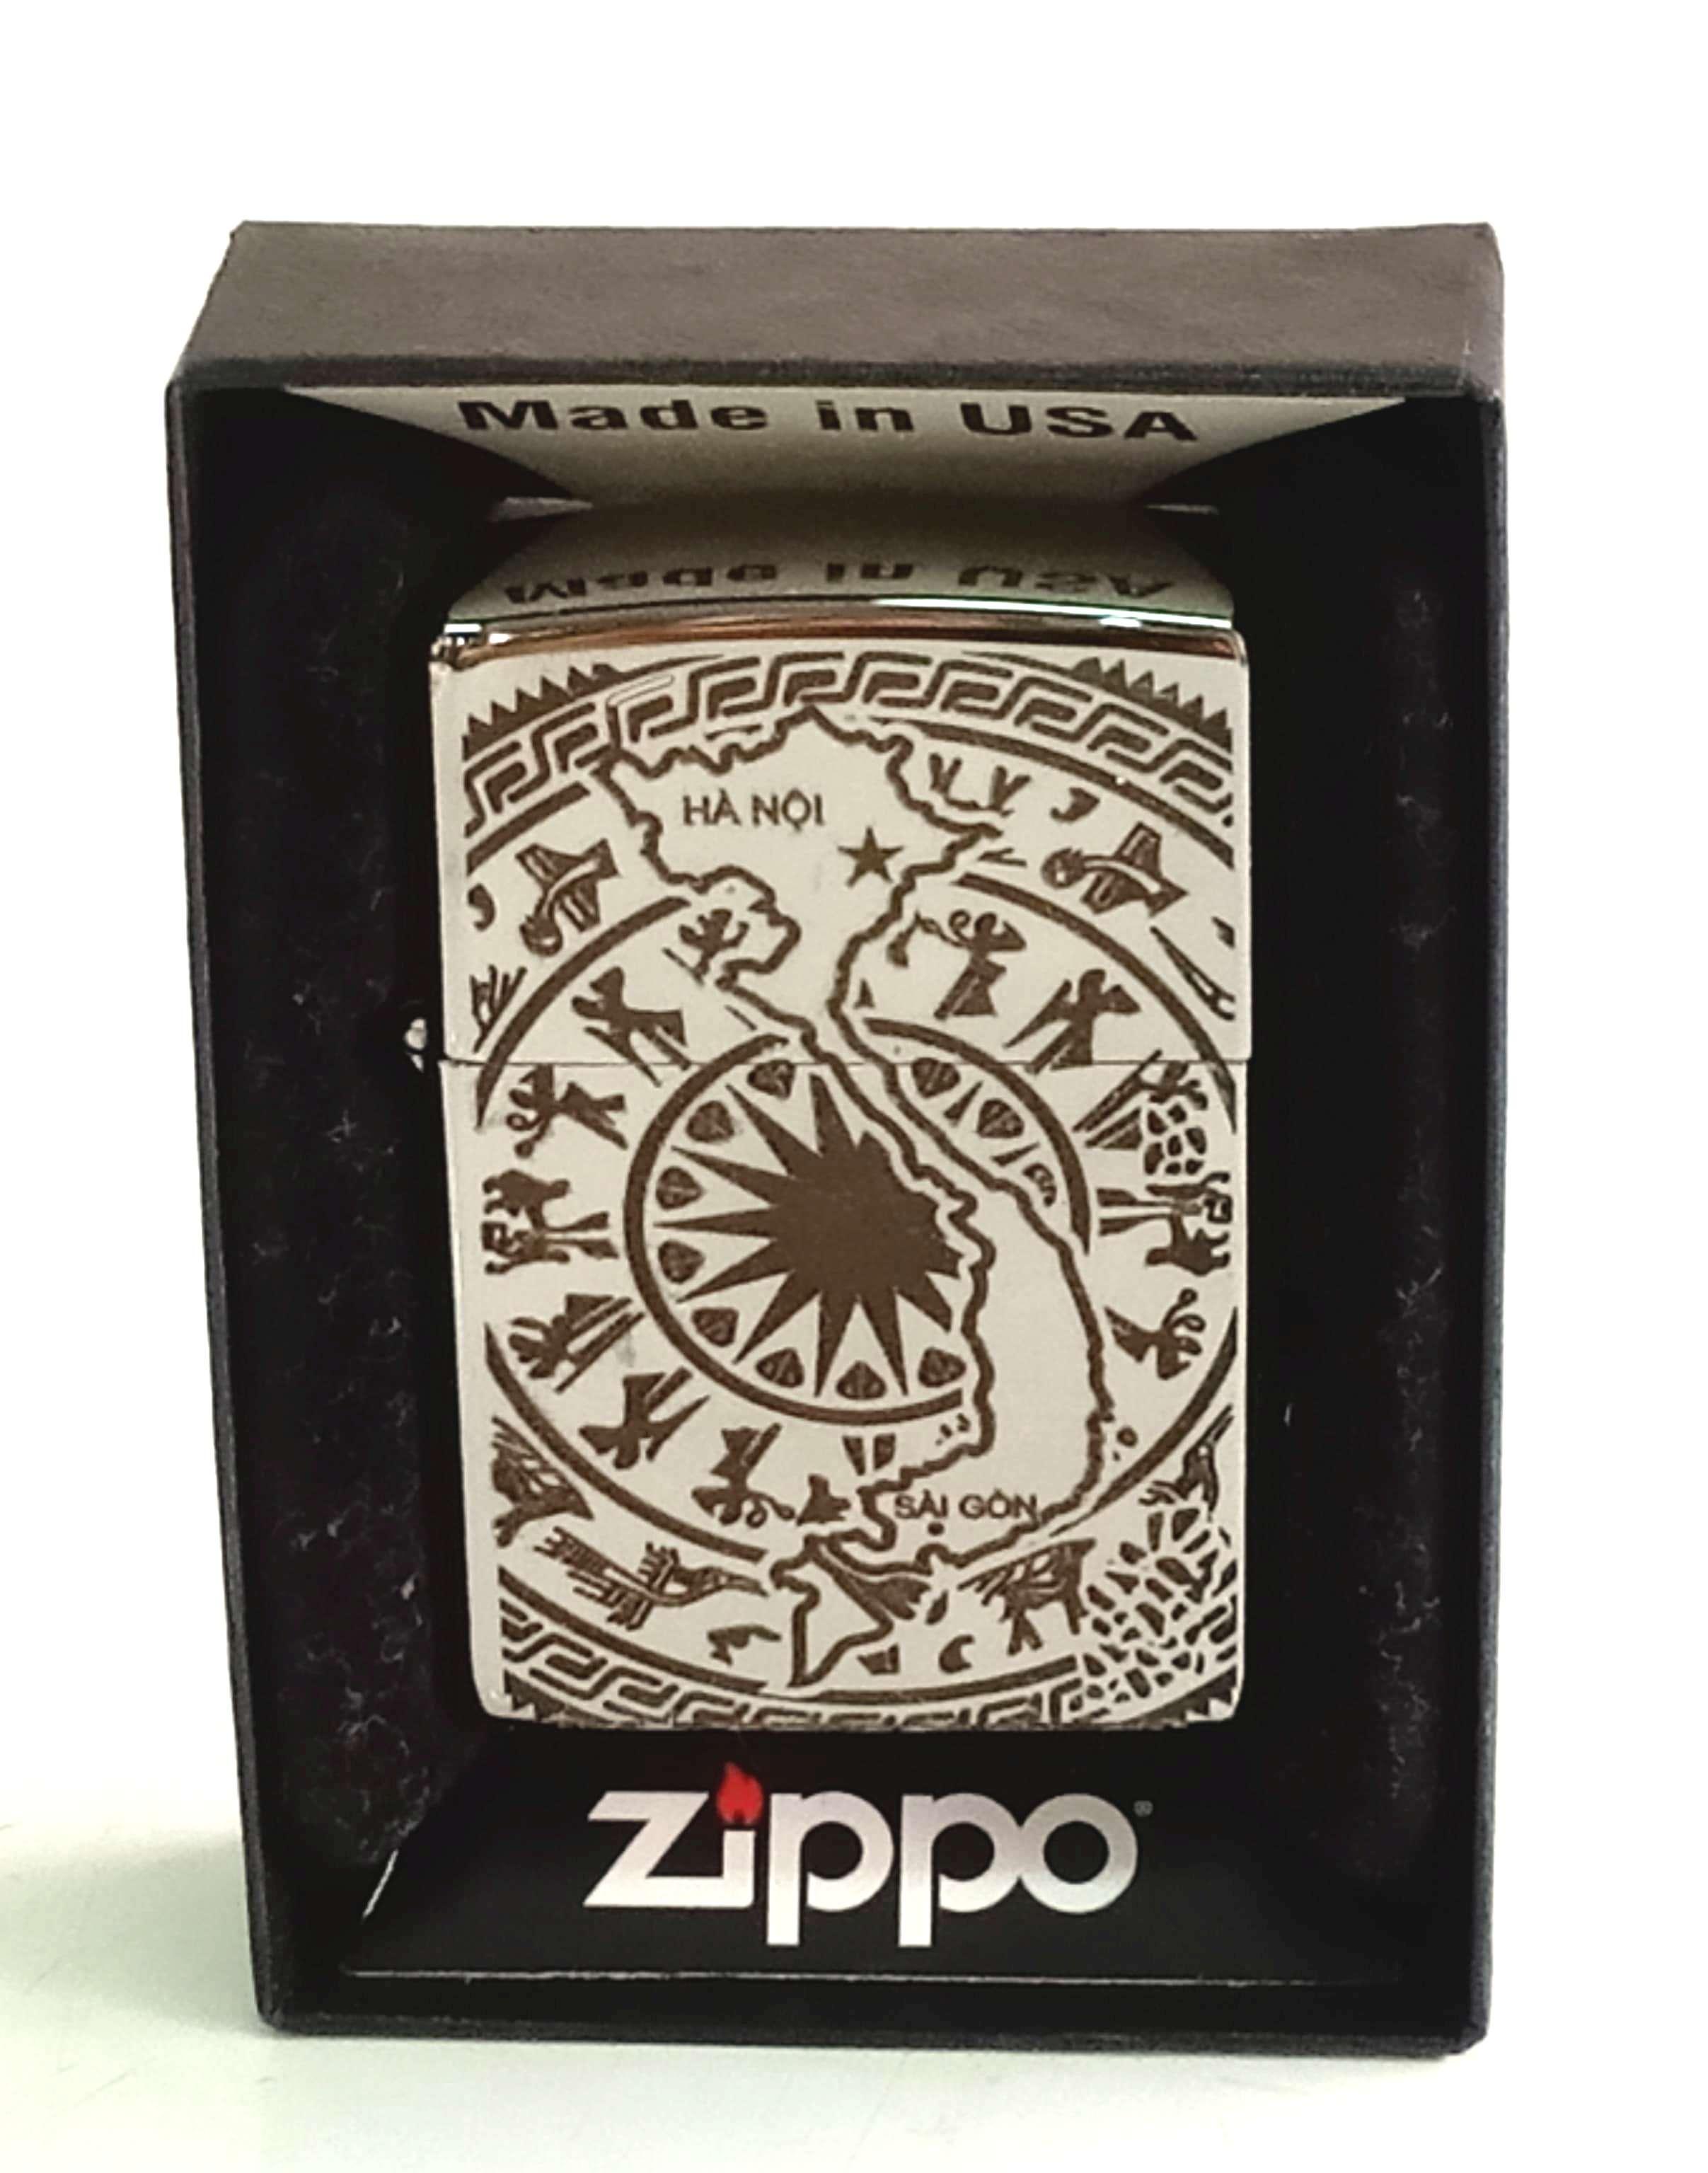 Zippo bong trang khac den ban do VN Z813